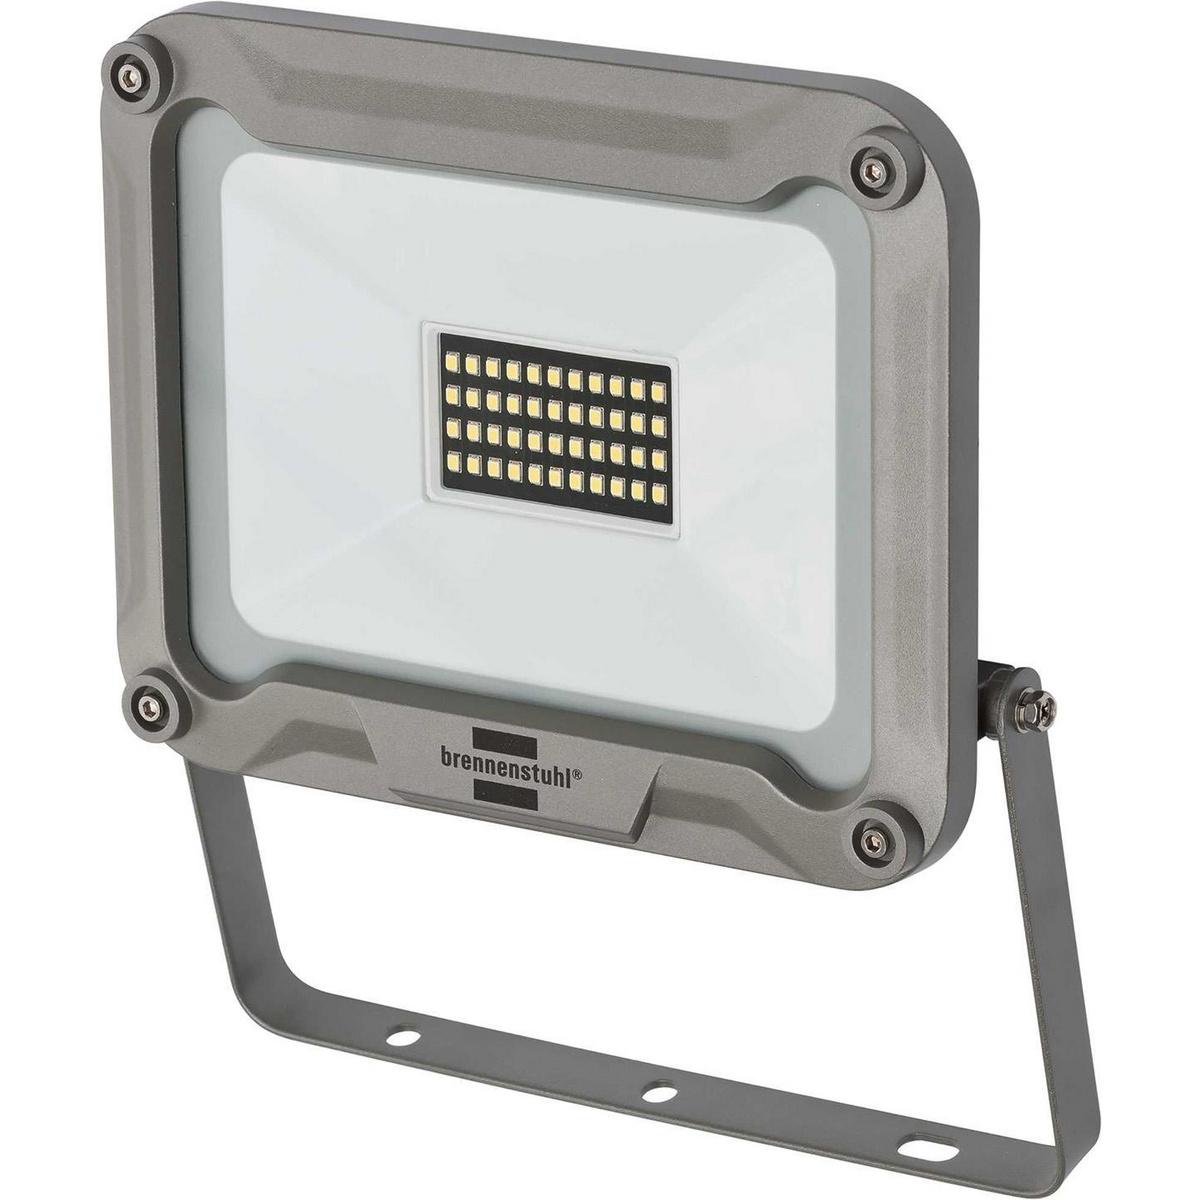 Adatto per installazione interna ed esterna, IP 65. Potente lampada da 30 WLED con chip per montaggio a parete, con distribuzione della luce extra ampia per l'illuminazione di una grande superficie. Ideale per hobbisti, officine e cantieri. Ingressi illum